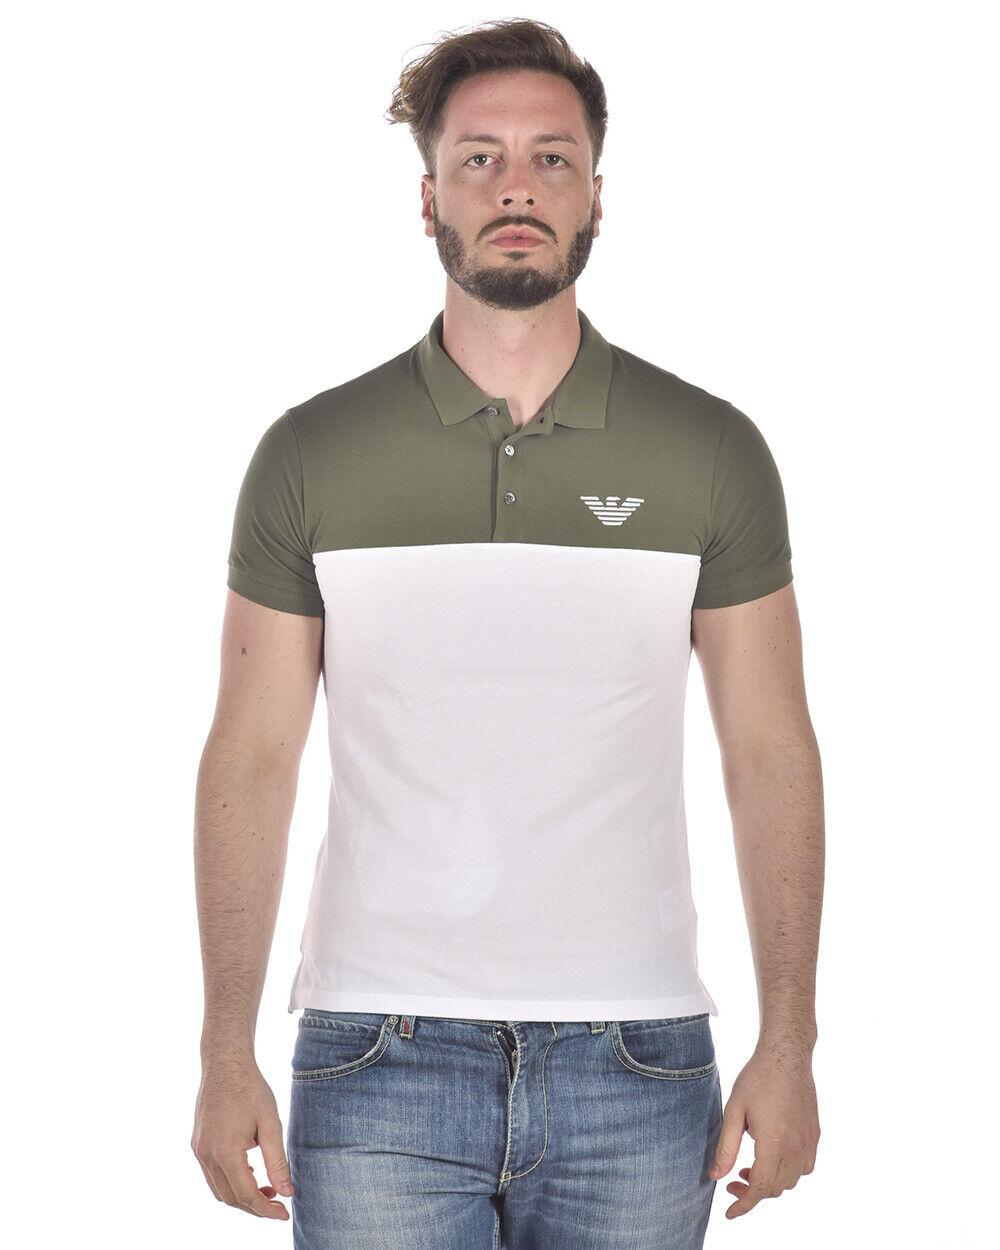 Emporio Armani Polo Shirt Cotton Man Grün 3Z1F701J0SZ 544 Sz S MAKE OFFER